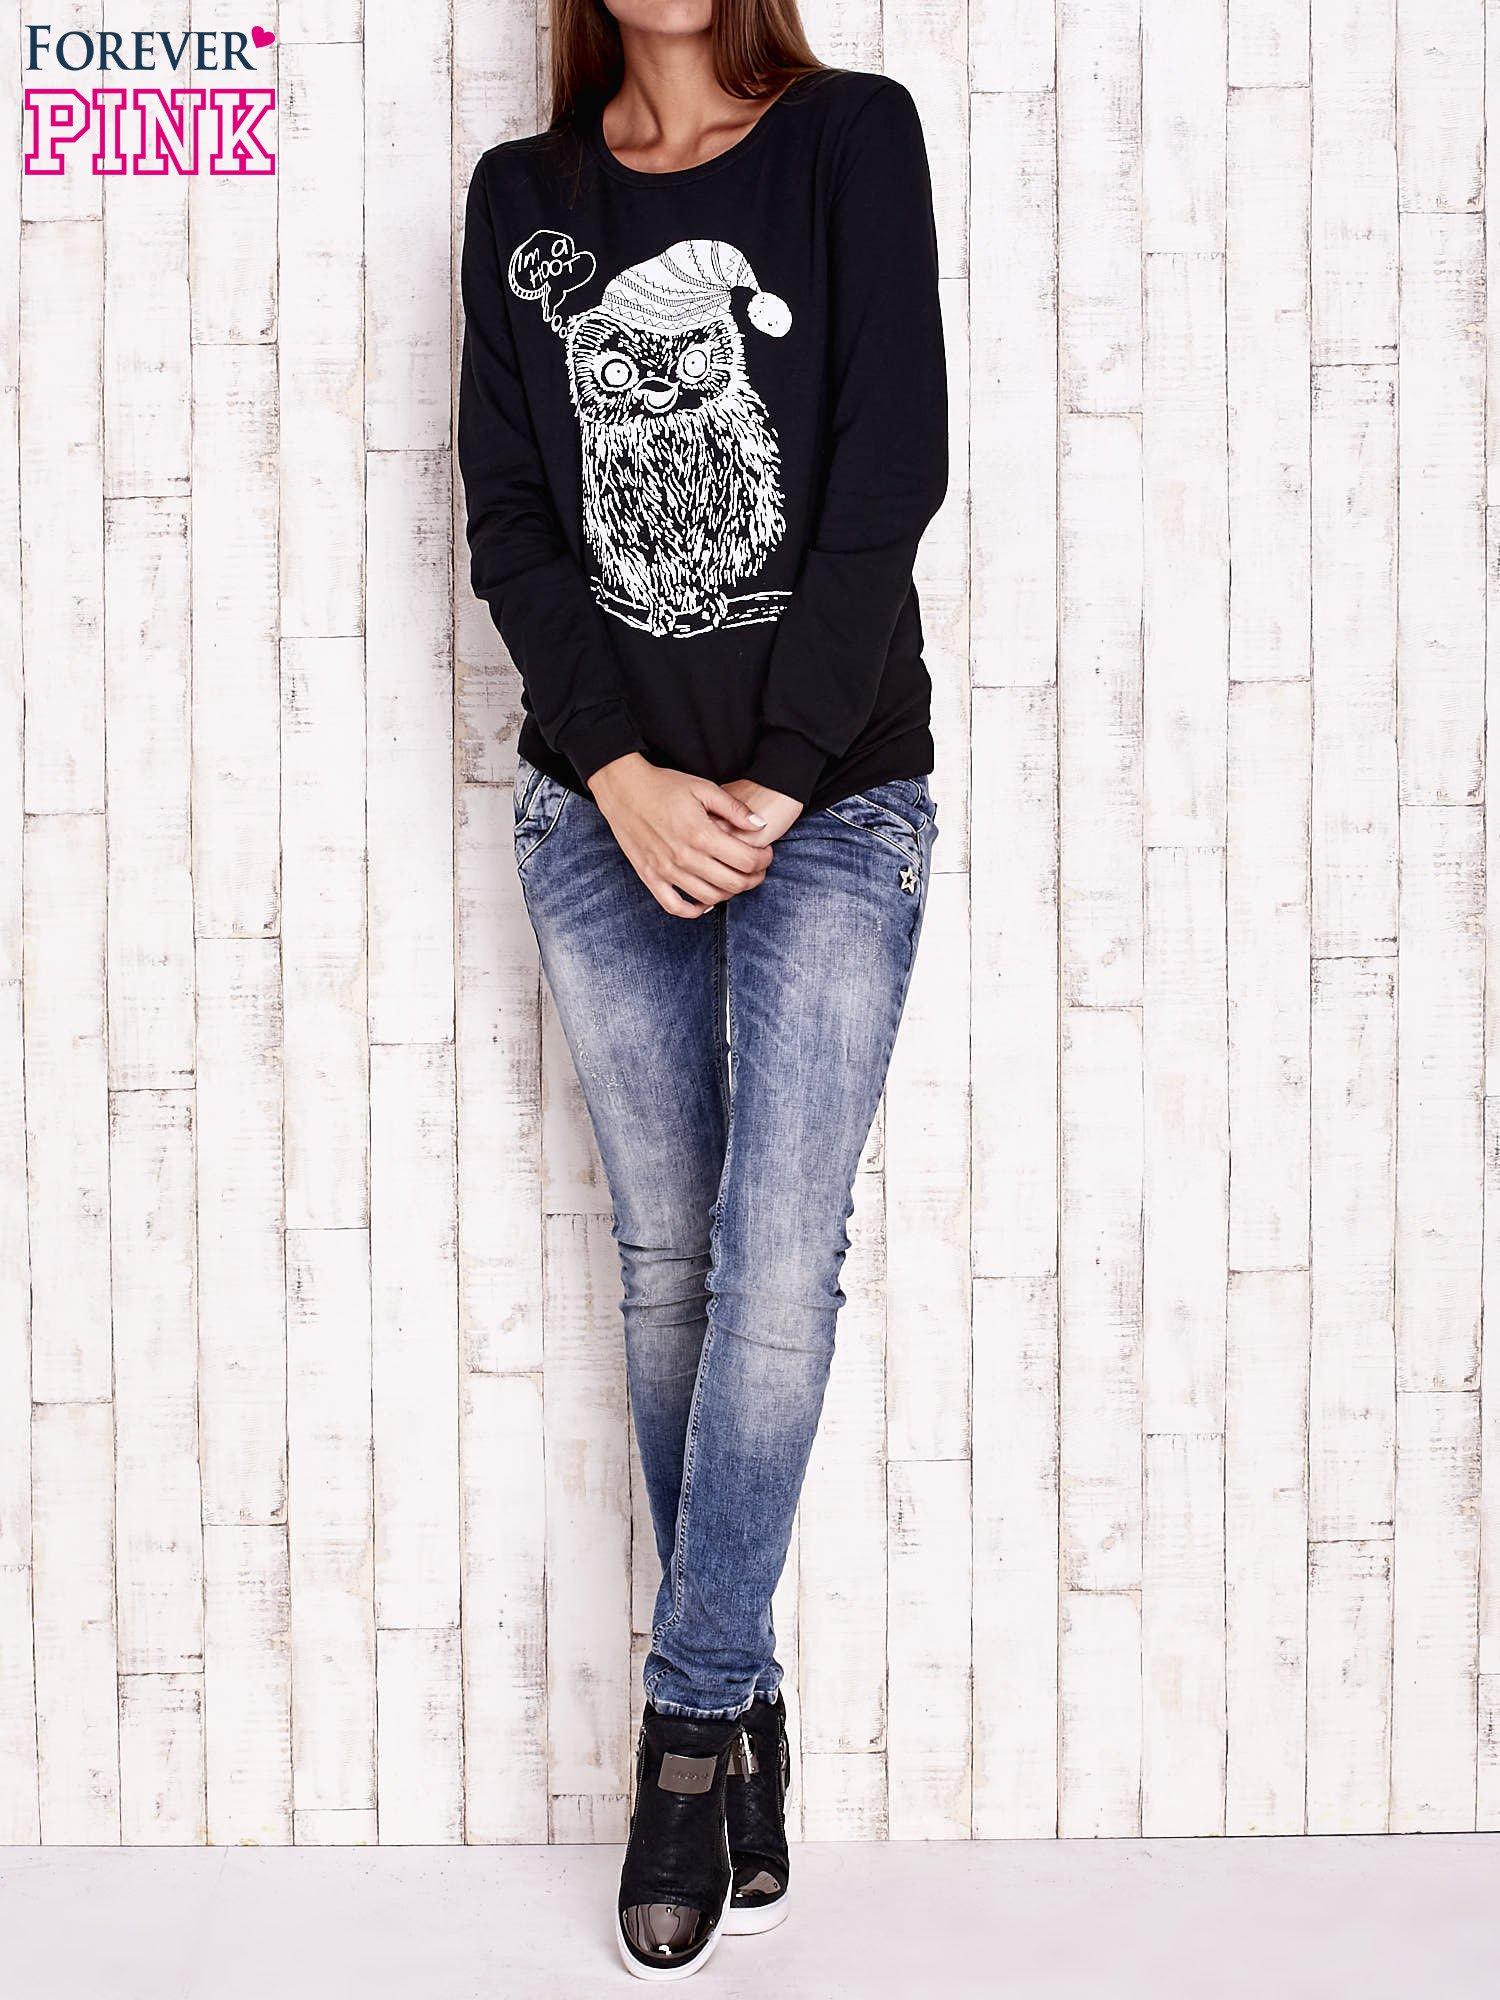 Czarna bluza ze zwierzęcym nadrukiem                                  zdj.                                  2